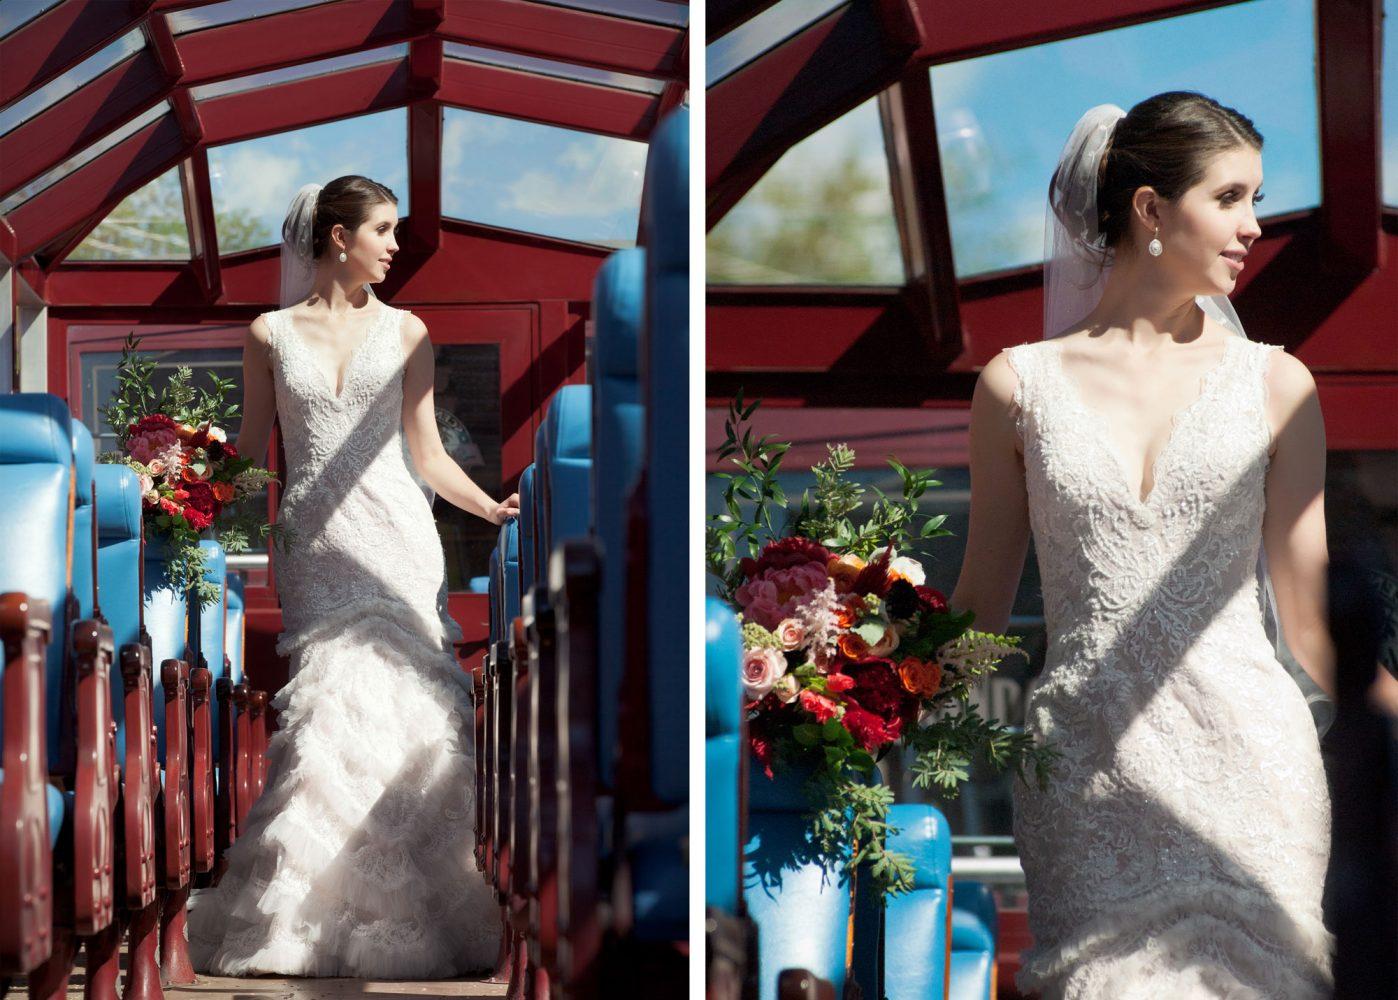 Bride on the Durango-Silverton train in Durango, Colorado